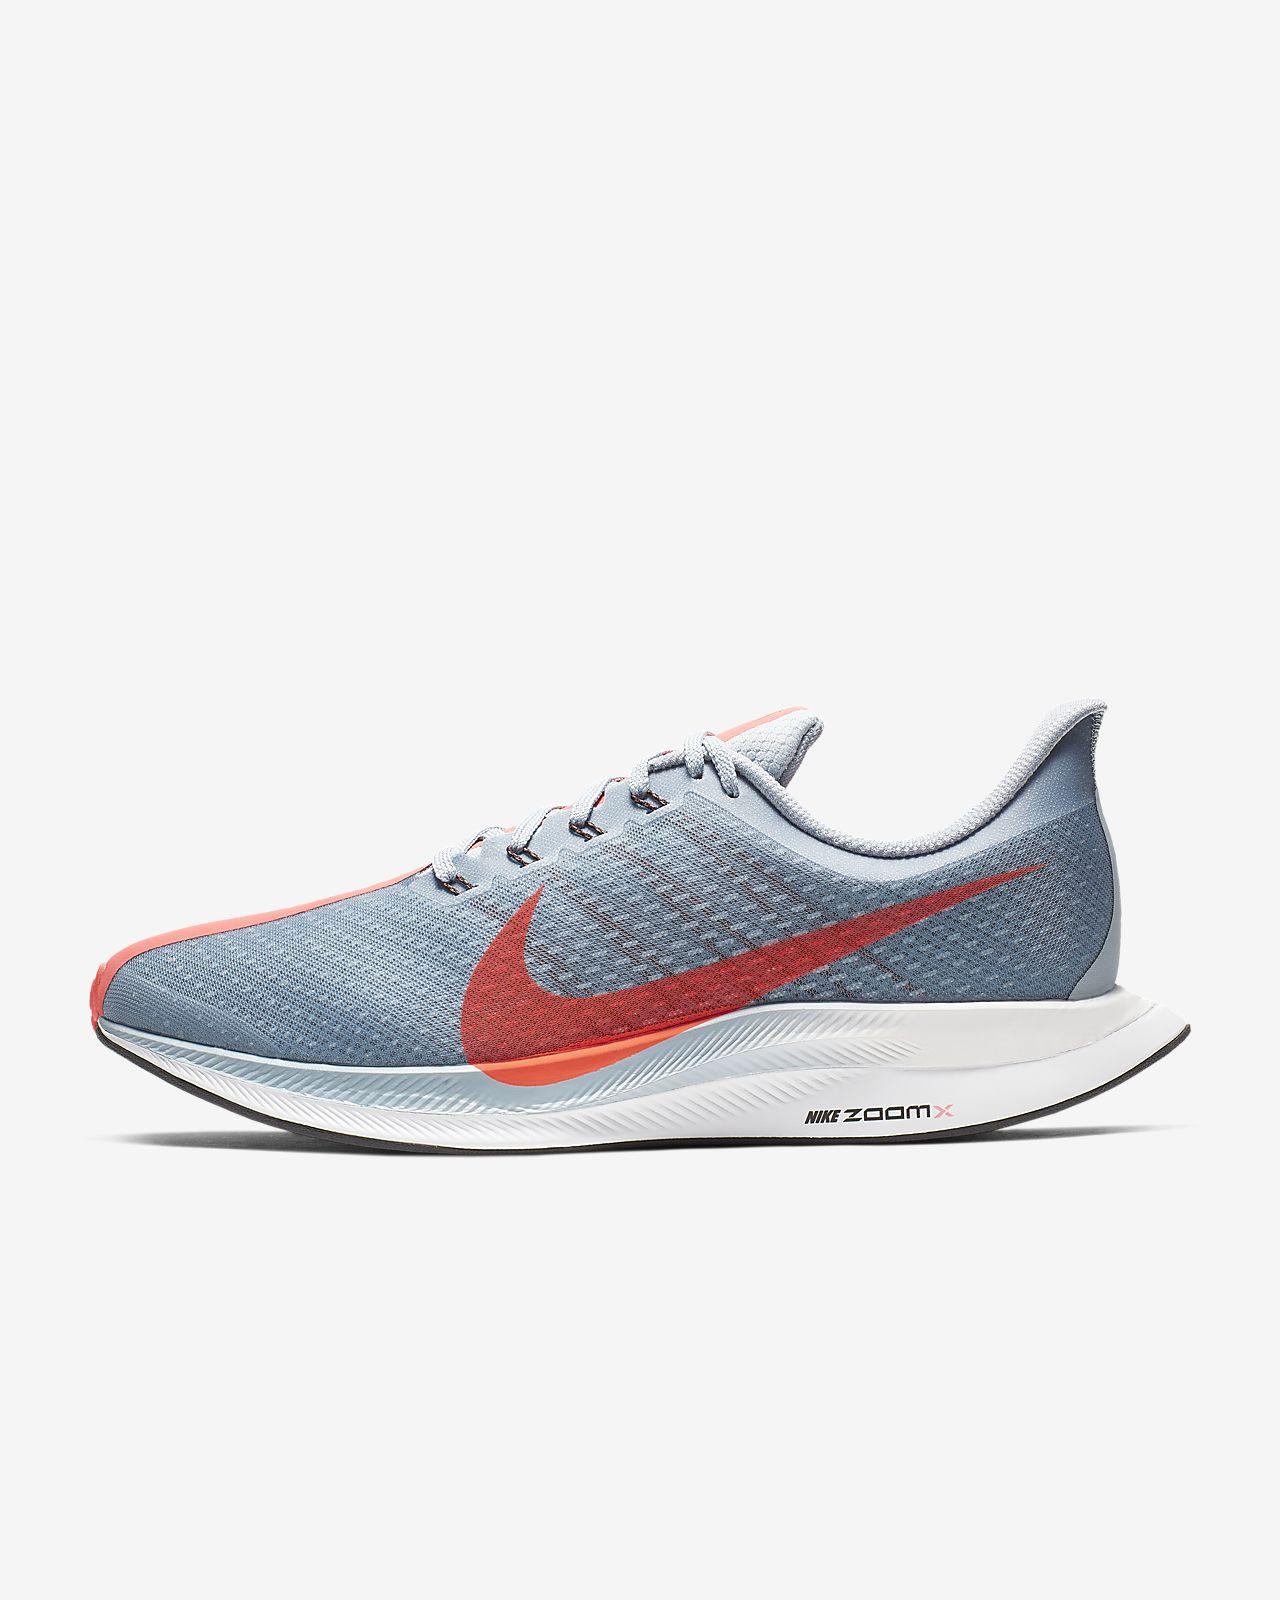 2ba819df1 Nike Zoom Pegasus Turbo Zapatillas de running - Hombre. Nike.com ES